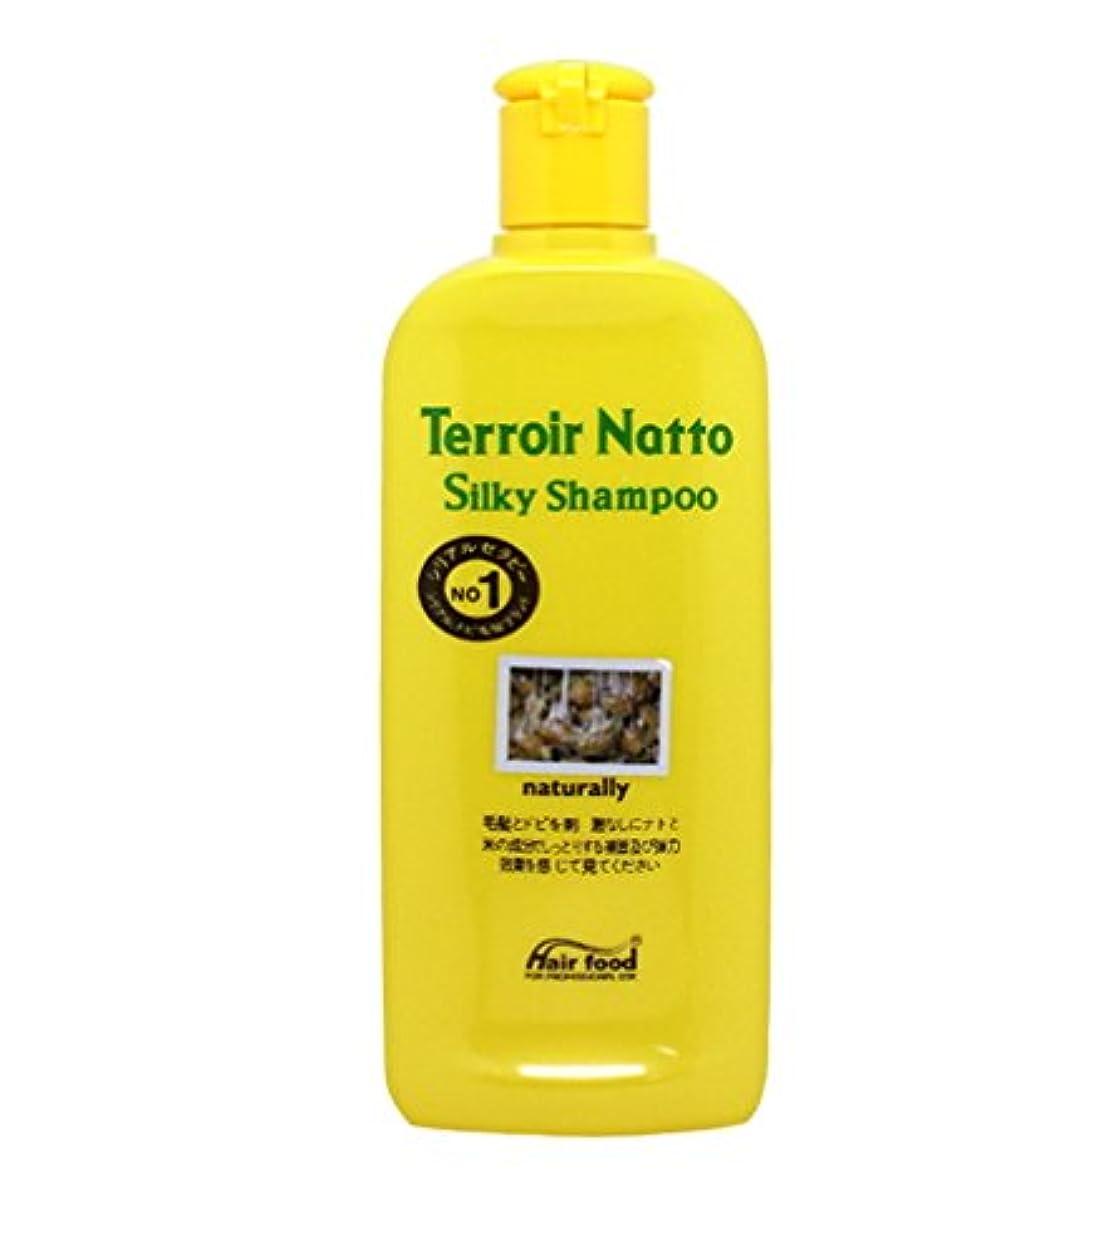 麺百科事典帆[MEDICIJAPAN/メディシュジャパン] Hair Food Terroir Natto Silky Shampoo 200ml/ ヘアフードテロワール納豆シルキーシャンプー(海外直送品)